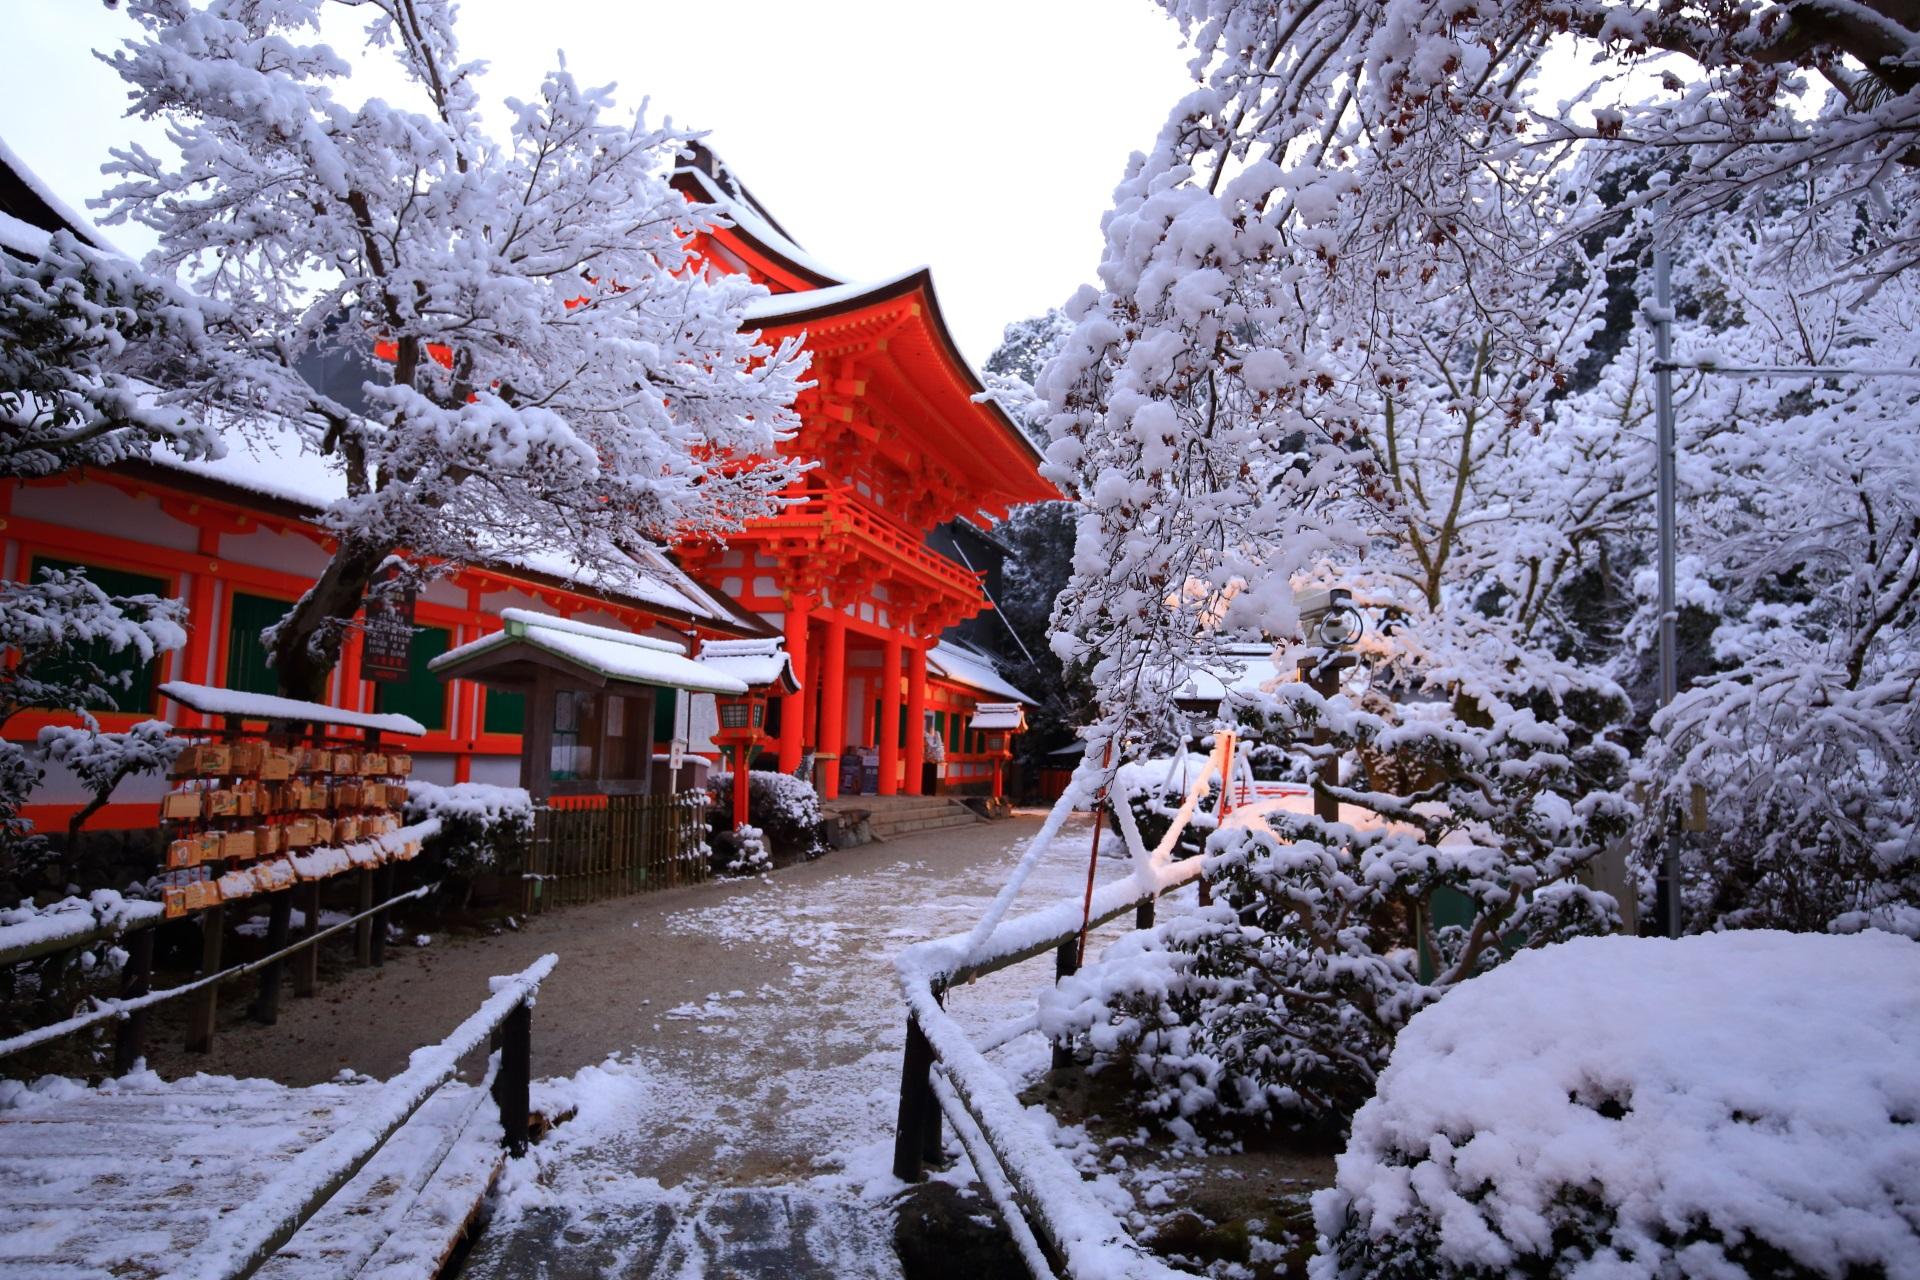 だいぶ日が昇って明るくなった上賀茂神社の楼門付近の雪景色